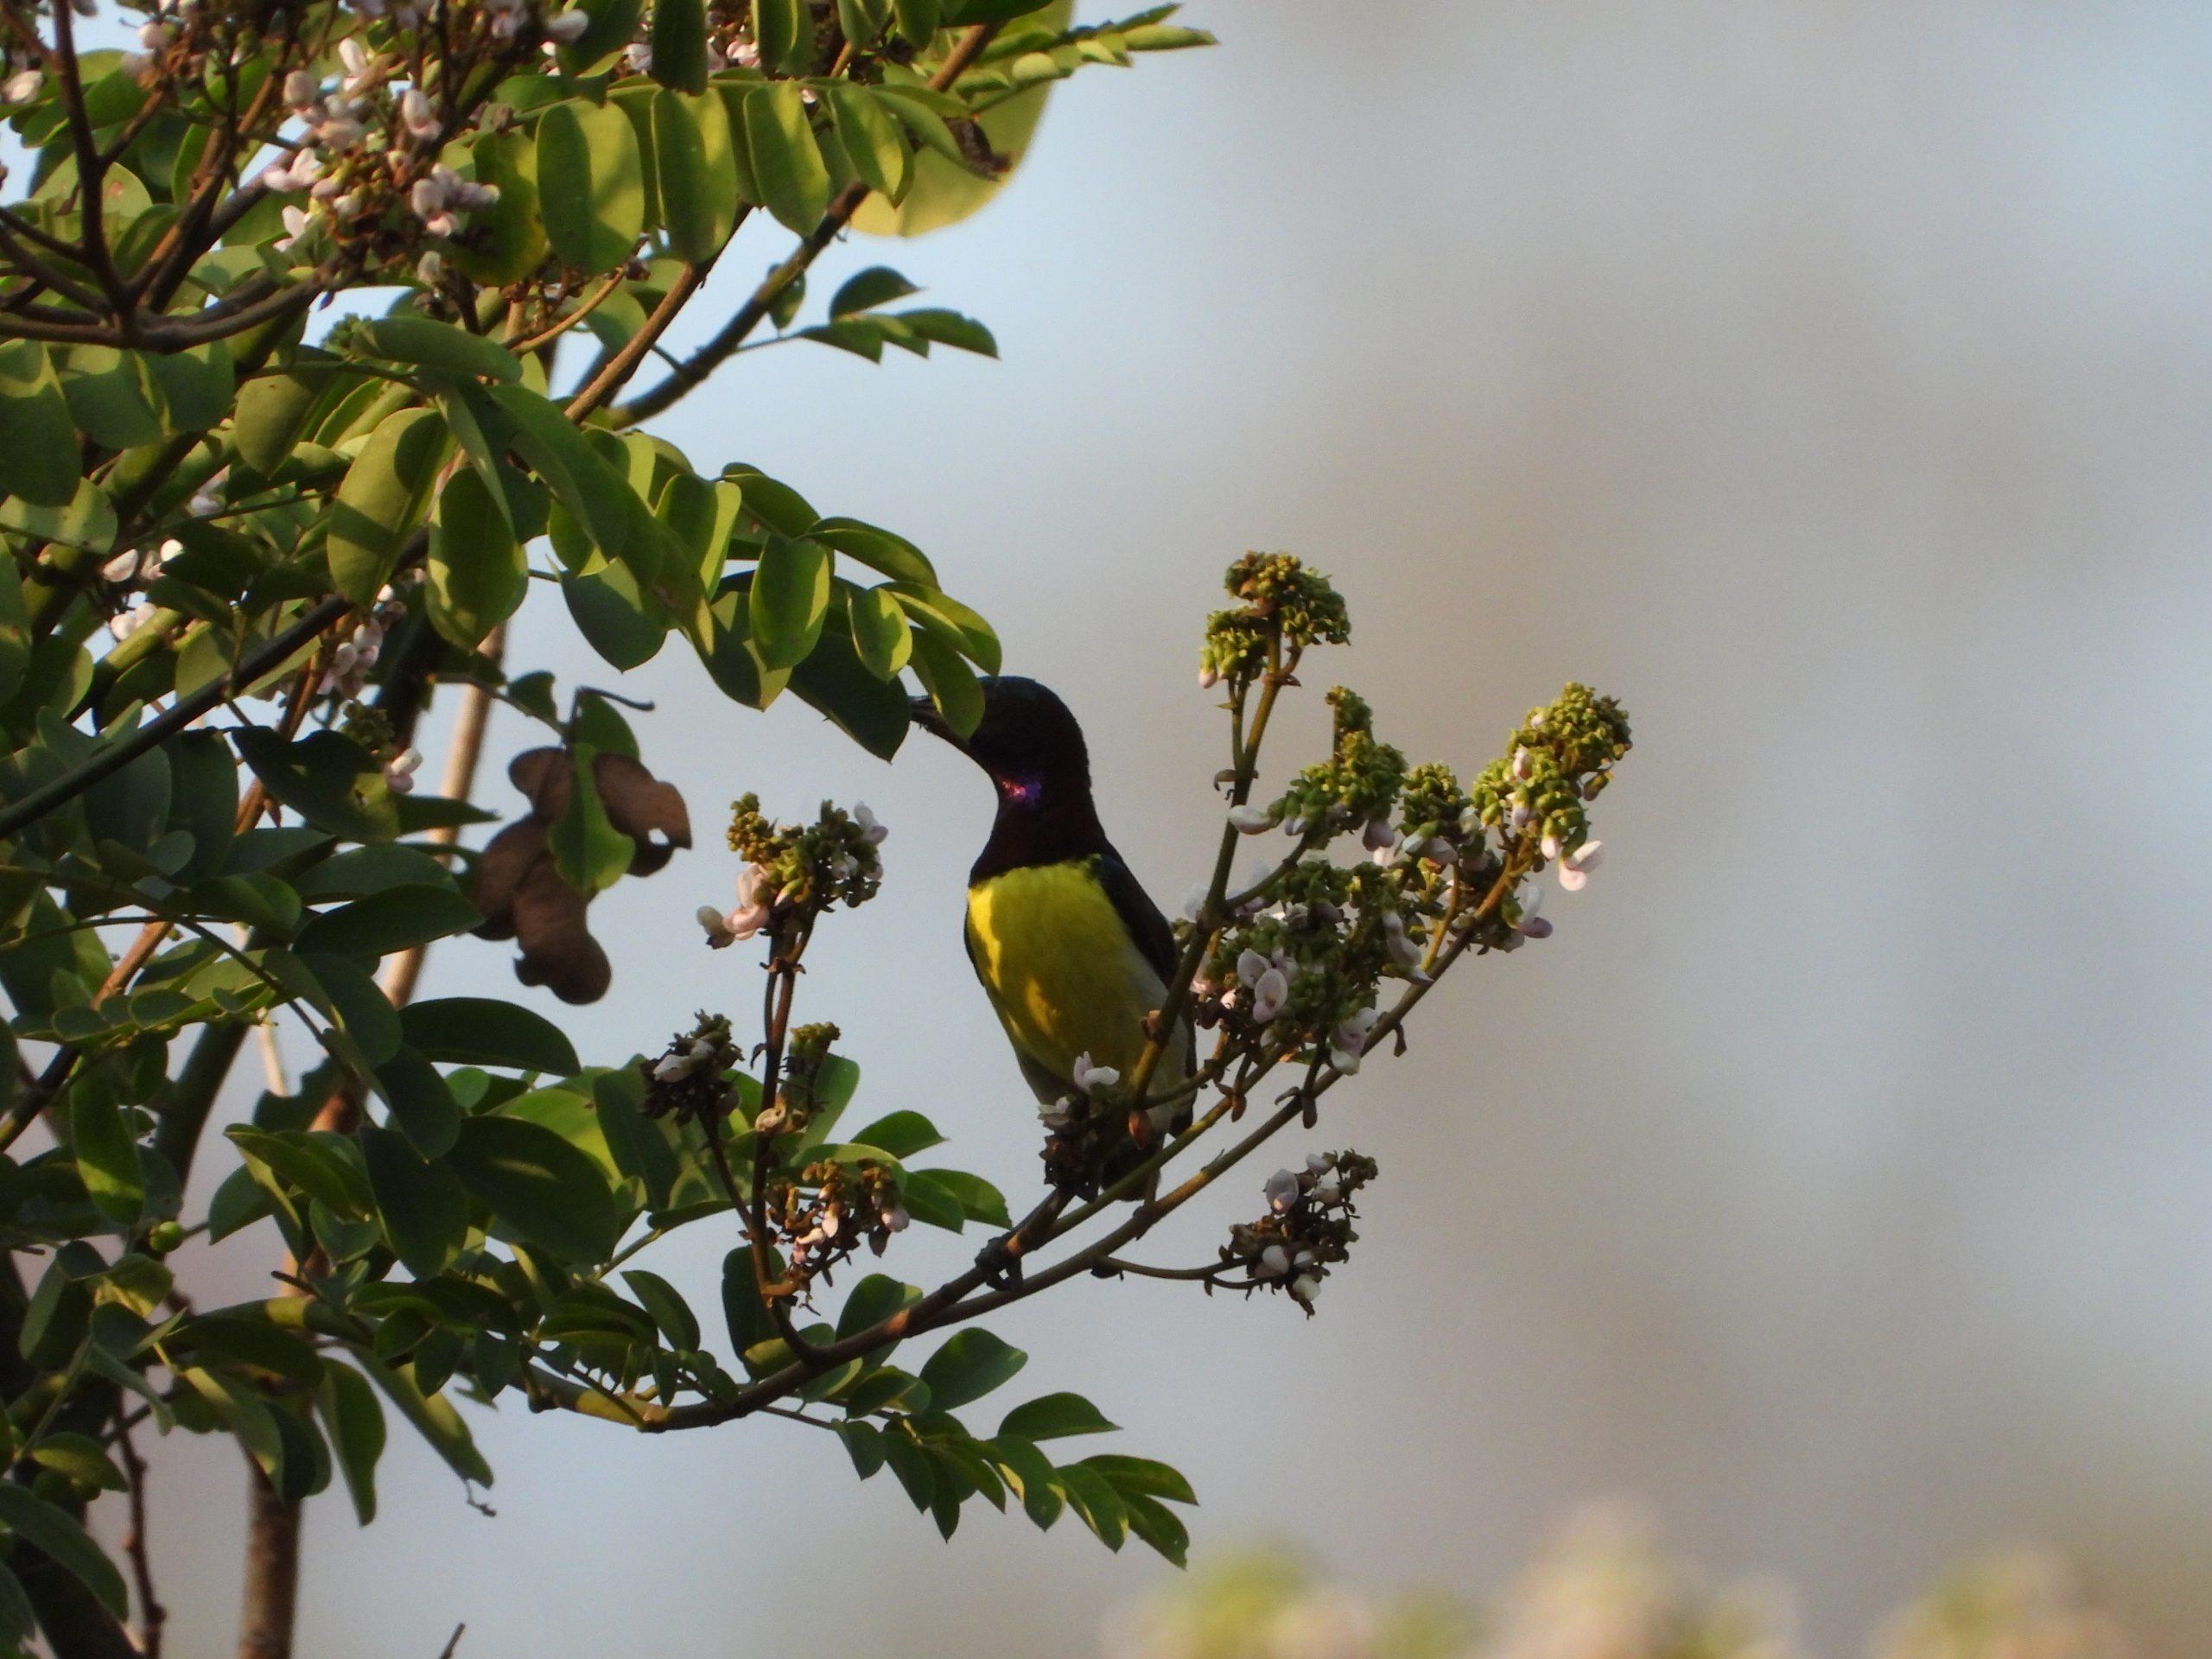 Humming bird on the tree